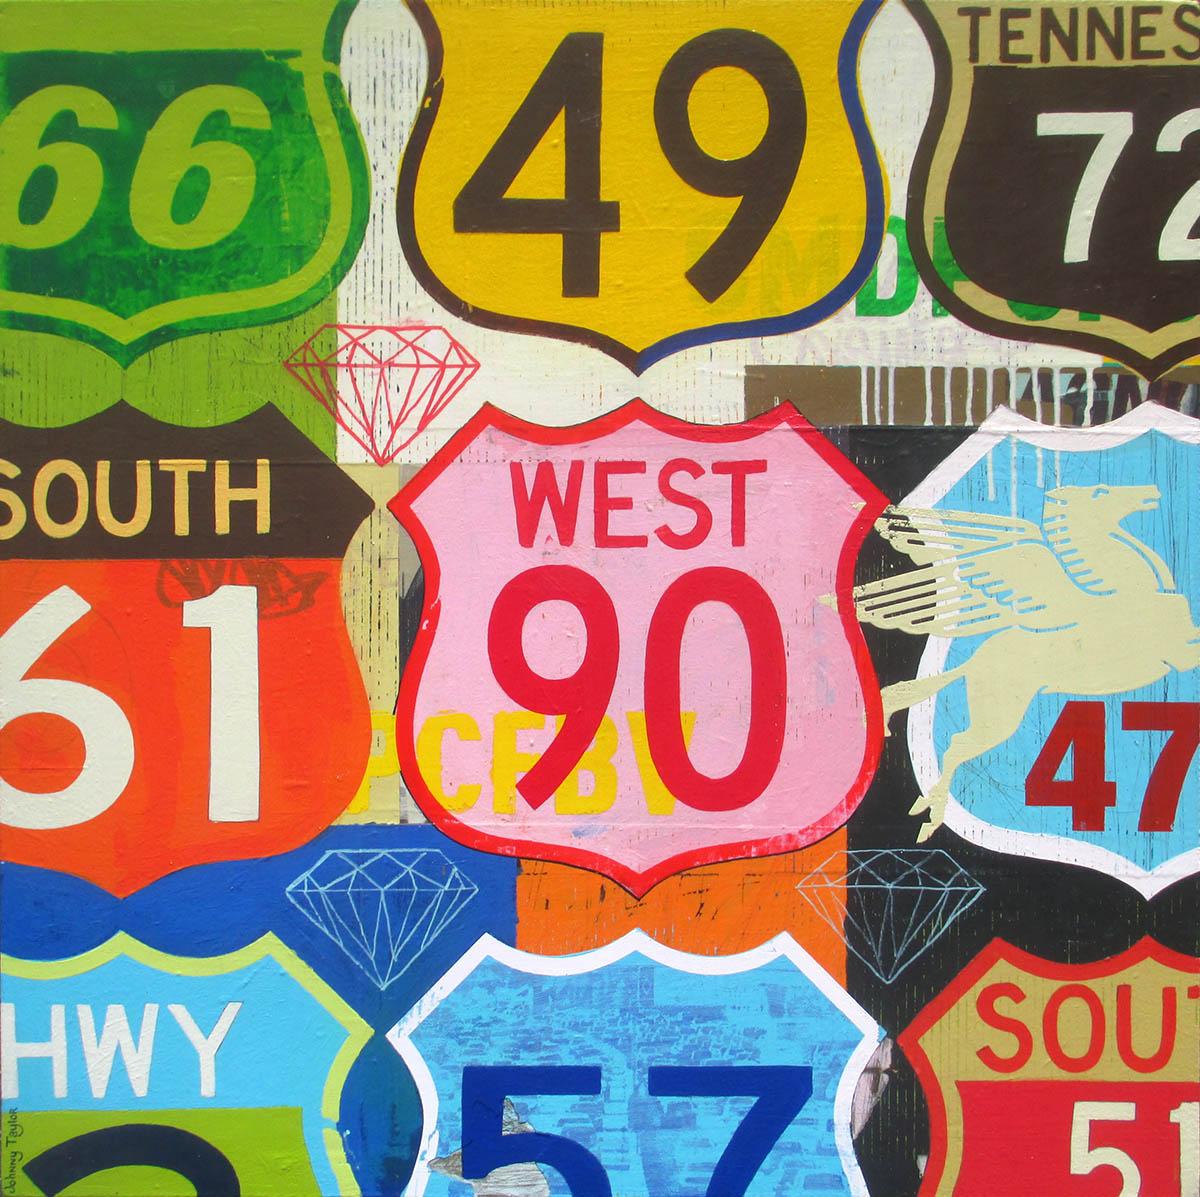 Vintage highway road signs